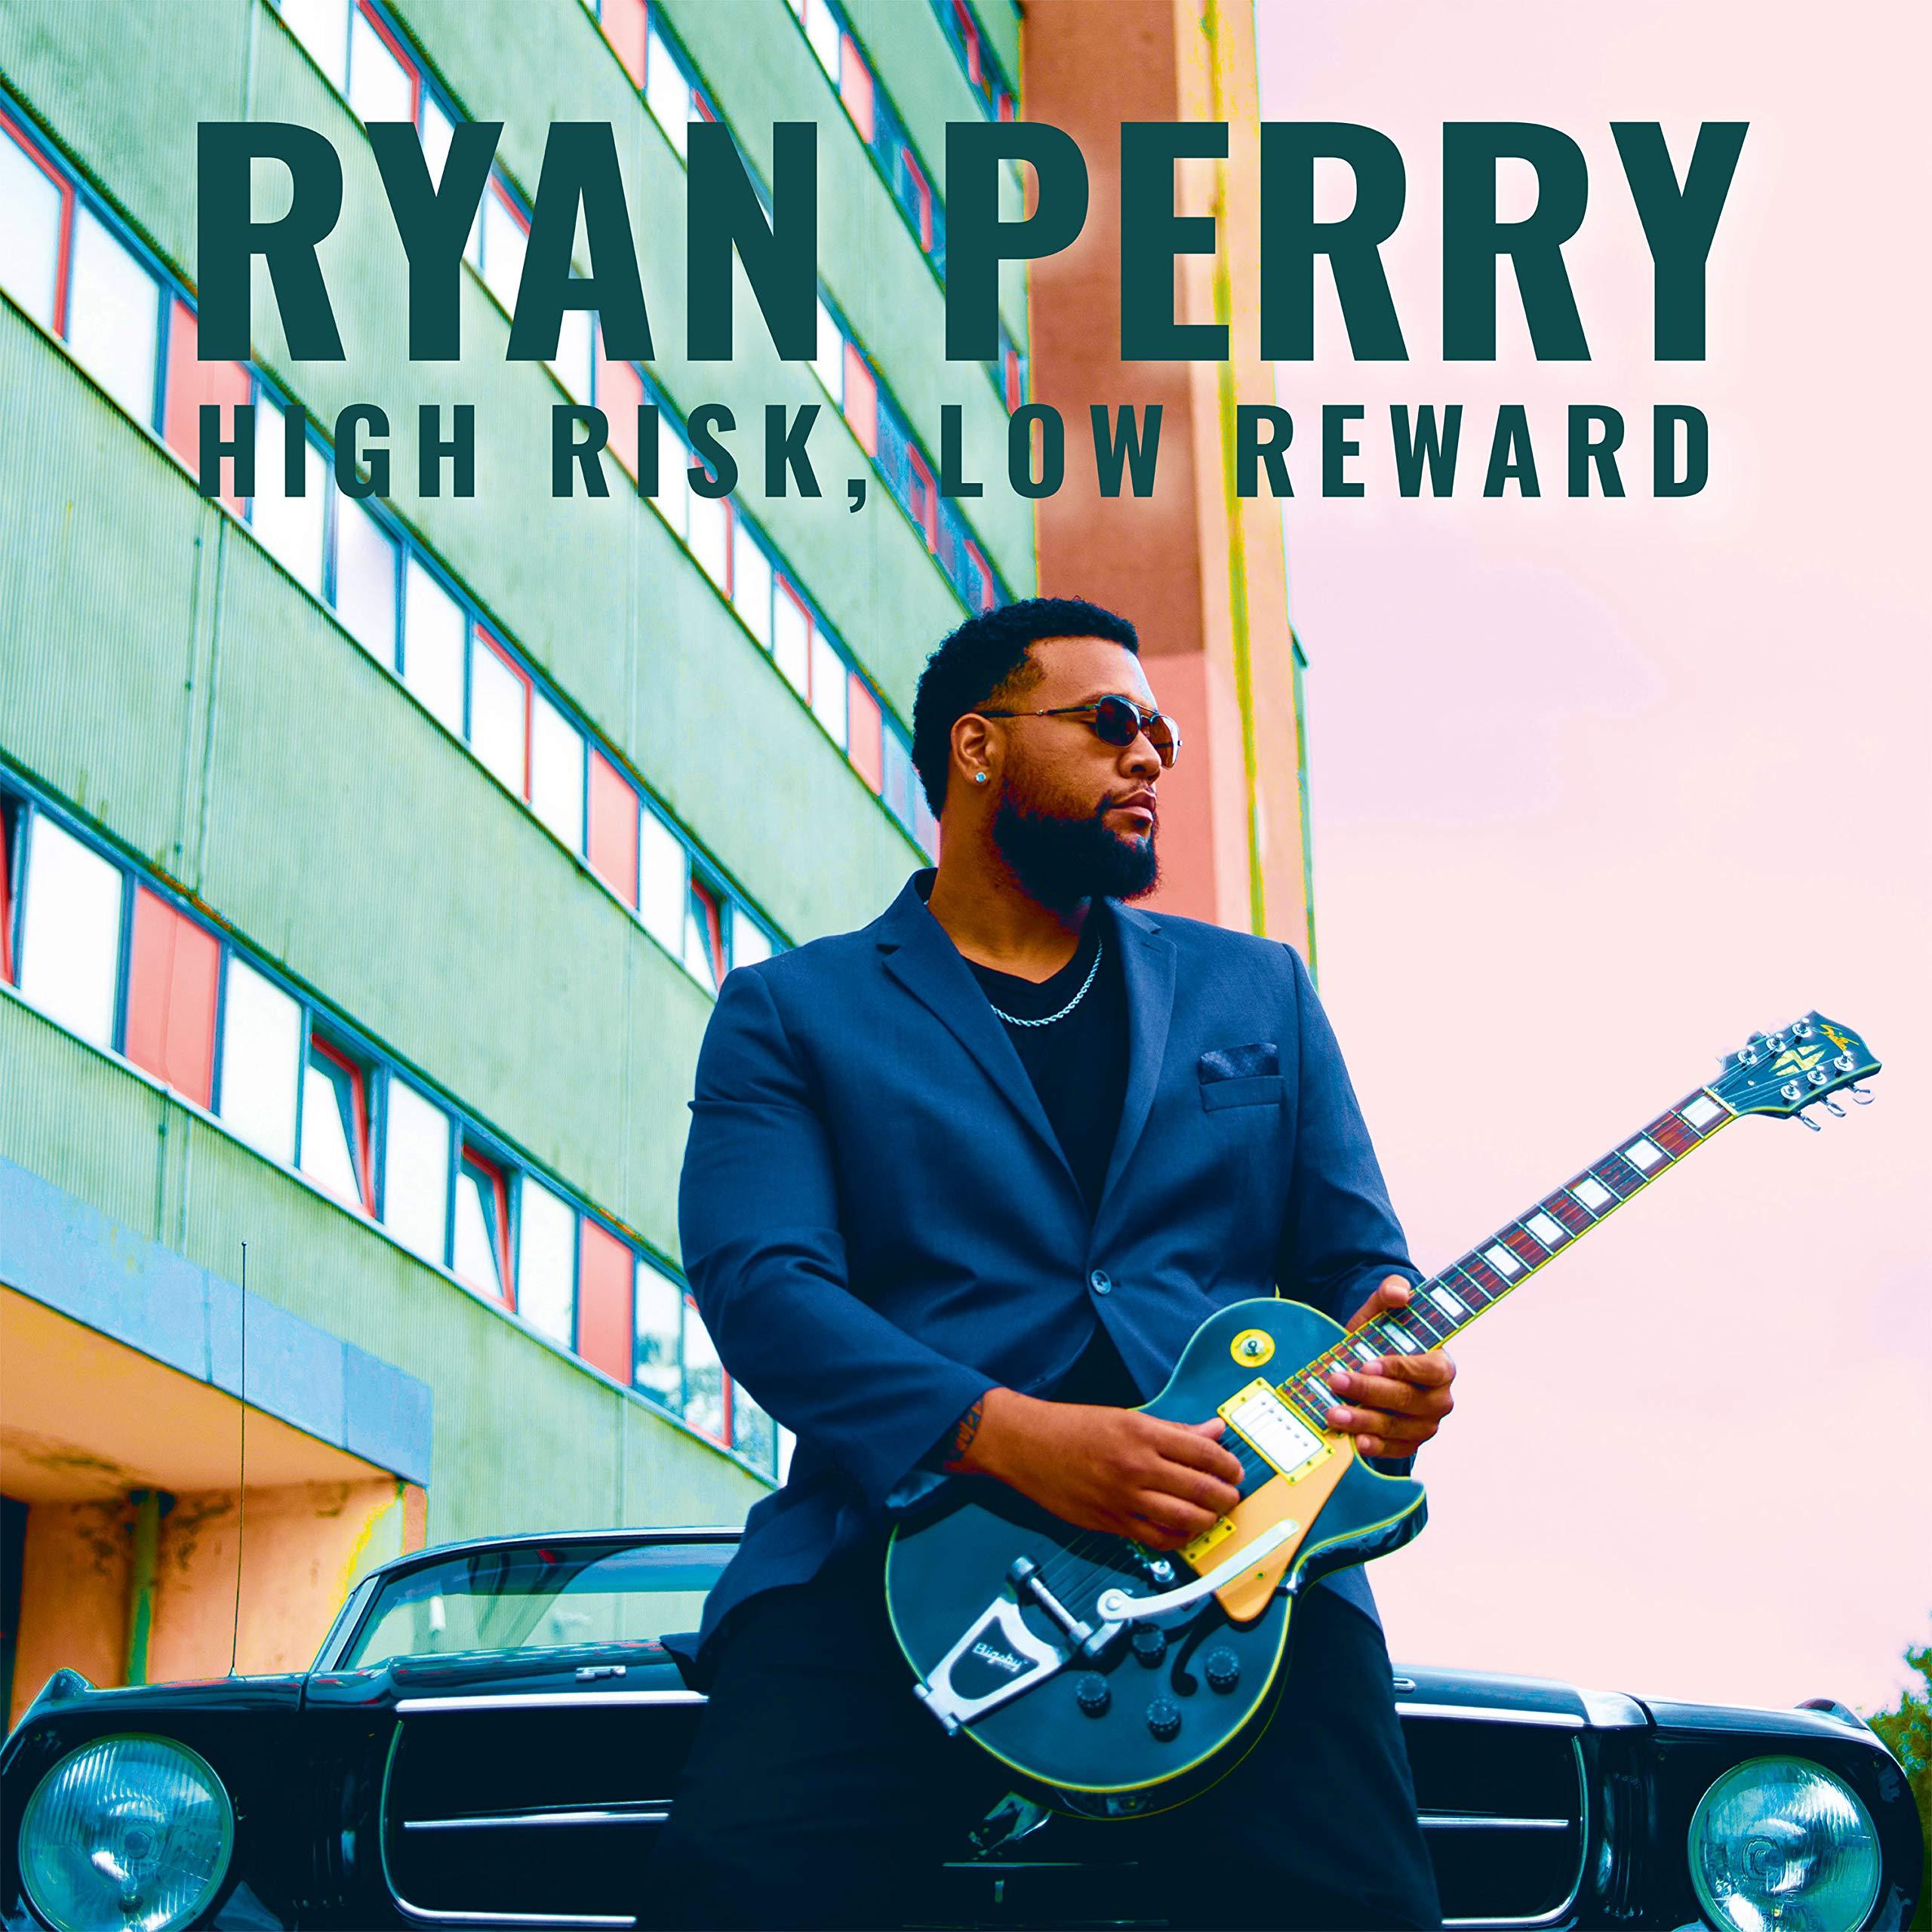 Ryan Perry – High Risk Low Reward (2020) [FLAC]